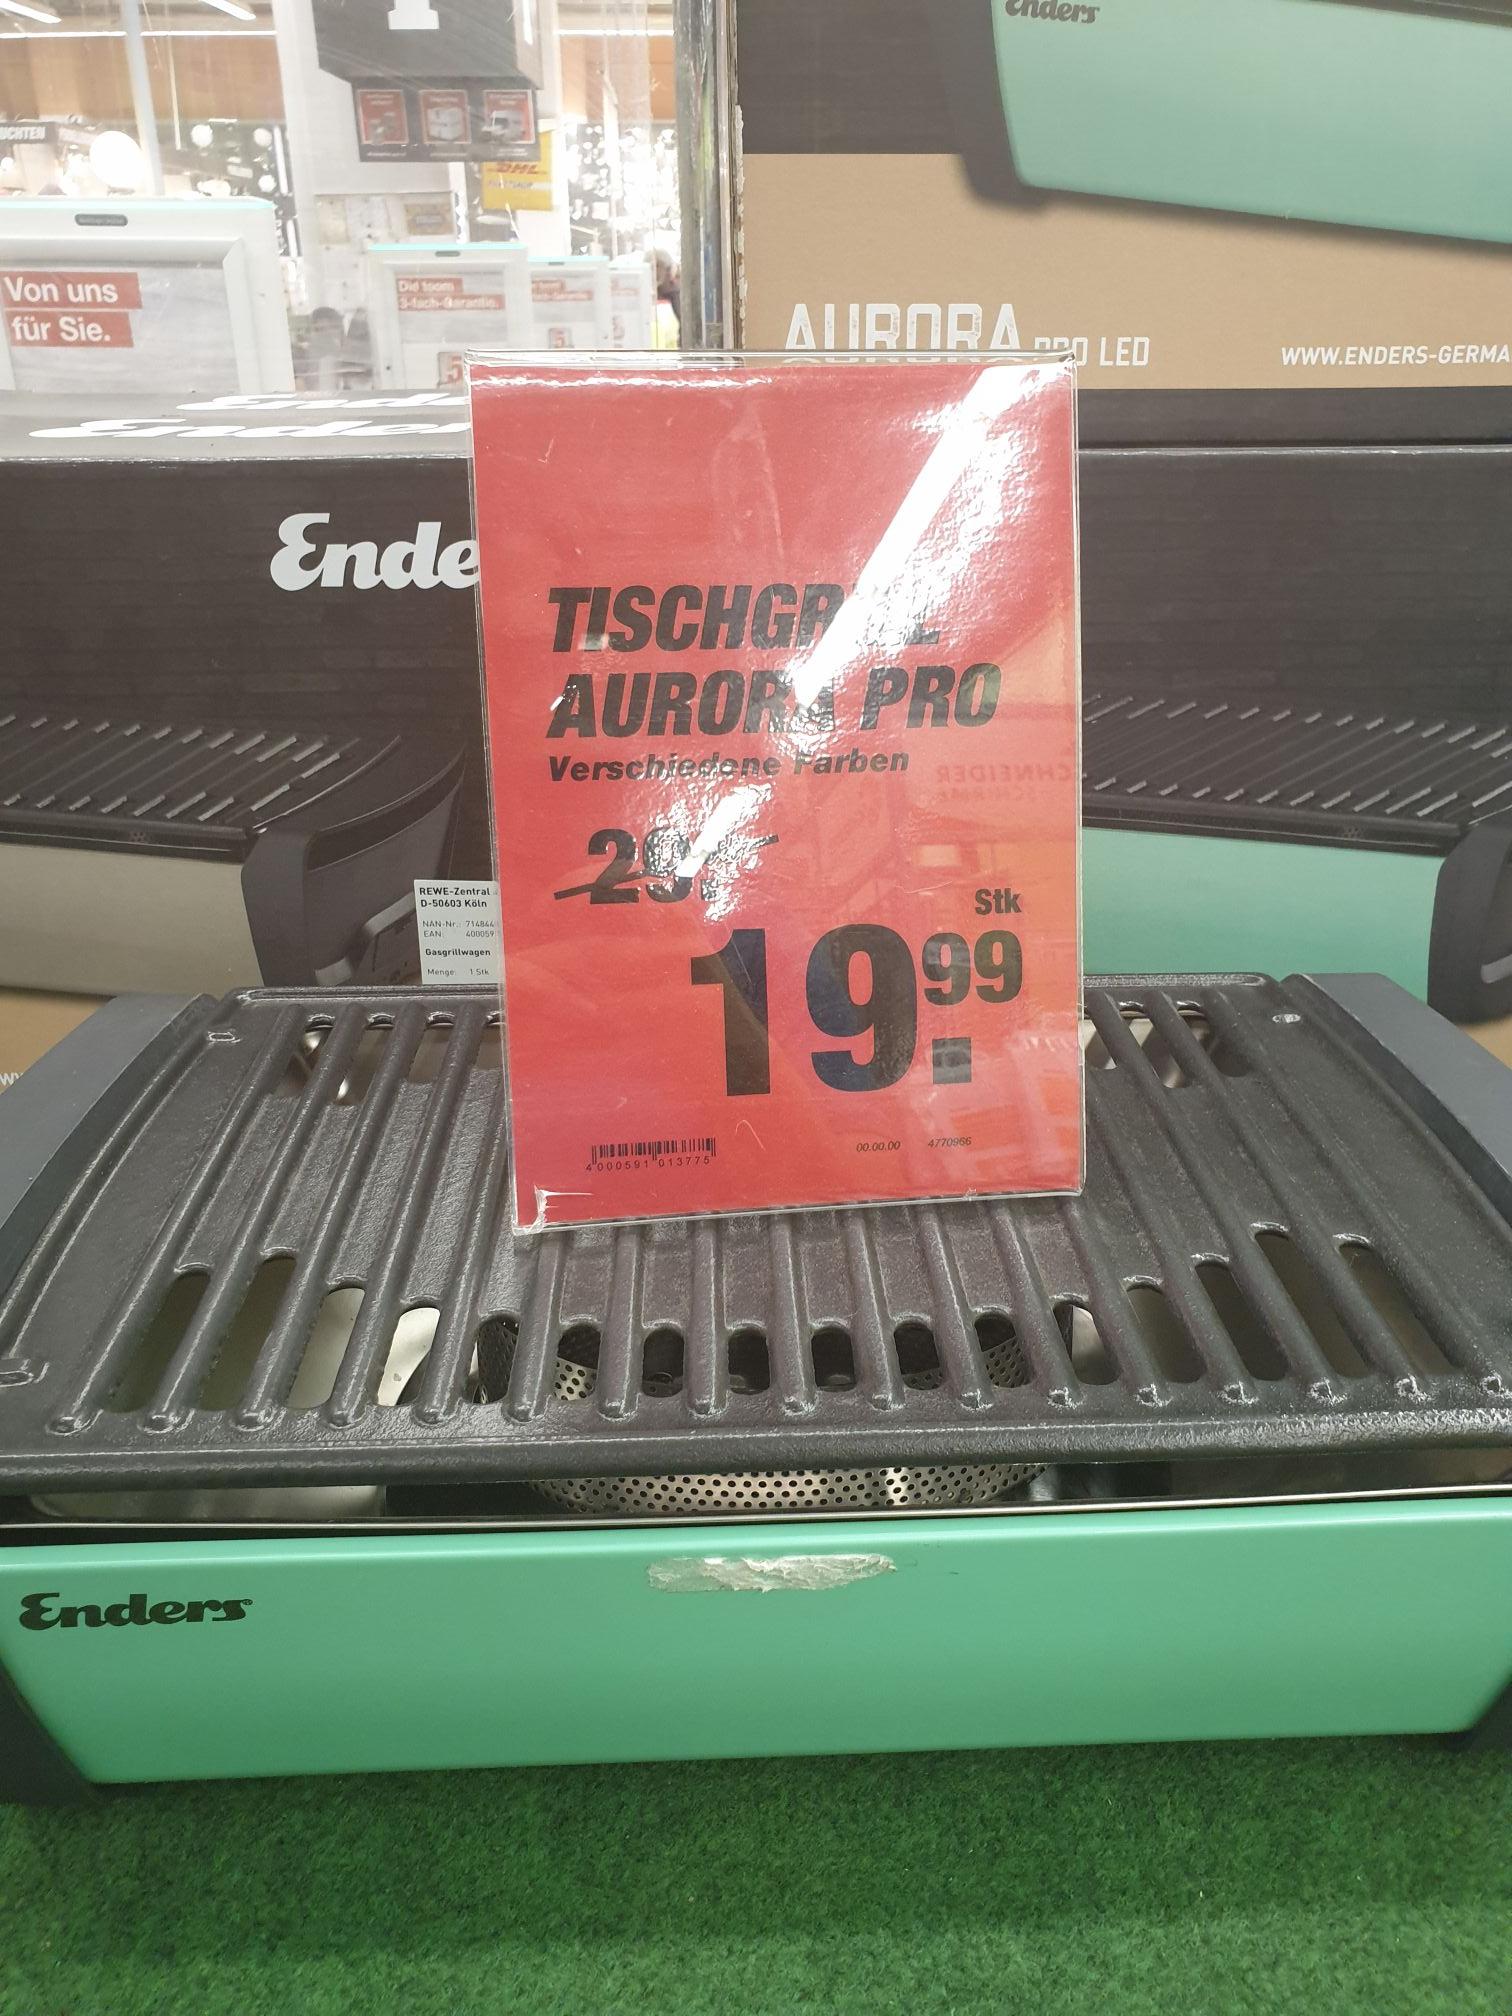 Aurora pro Tischgrill von Enders lokal Ffm Griesheim